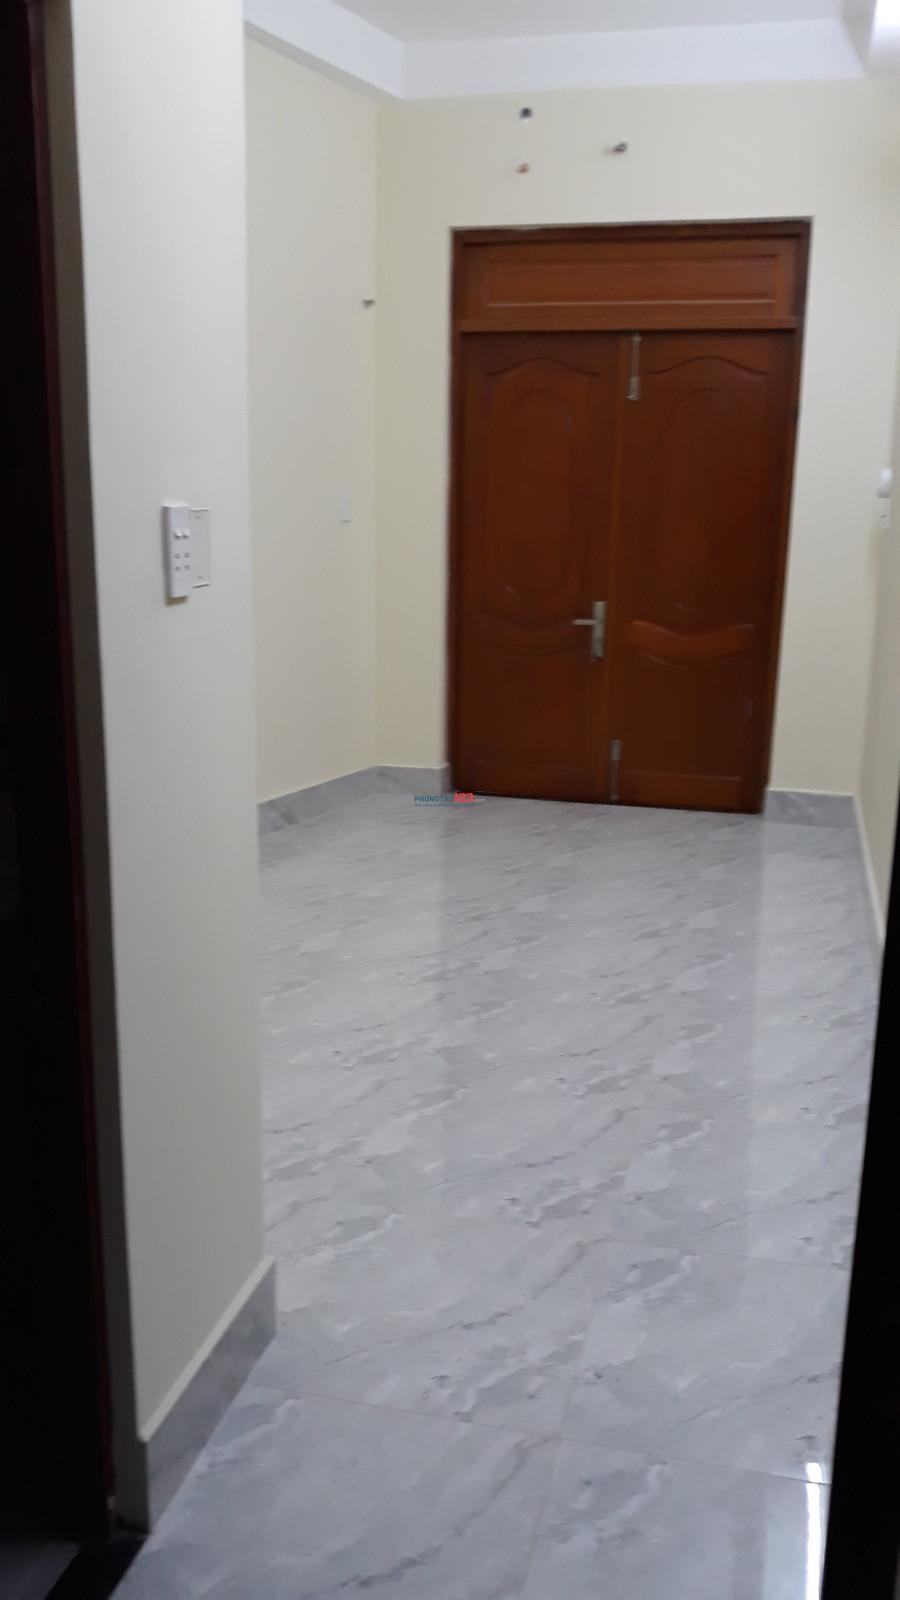 Phòng cho thuê phòng Quận 3, Cách Mạng Tháng Tám ngay trung tâm